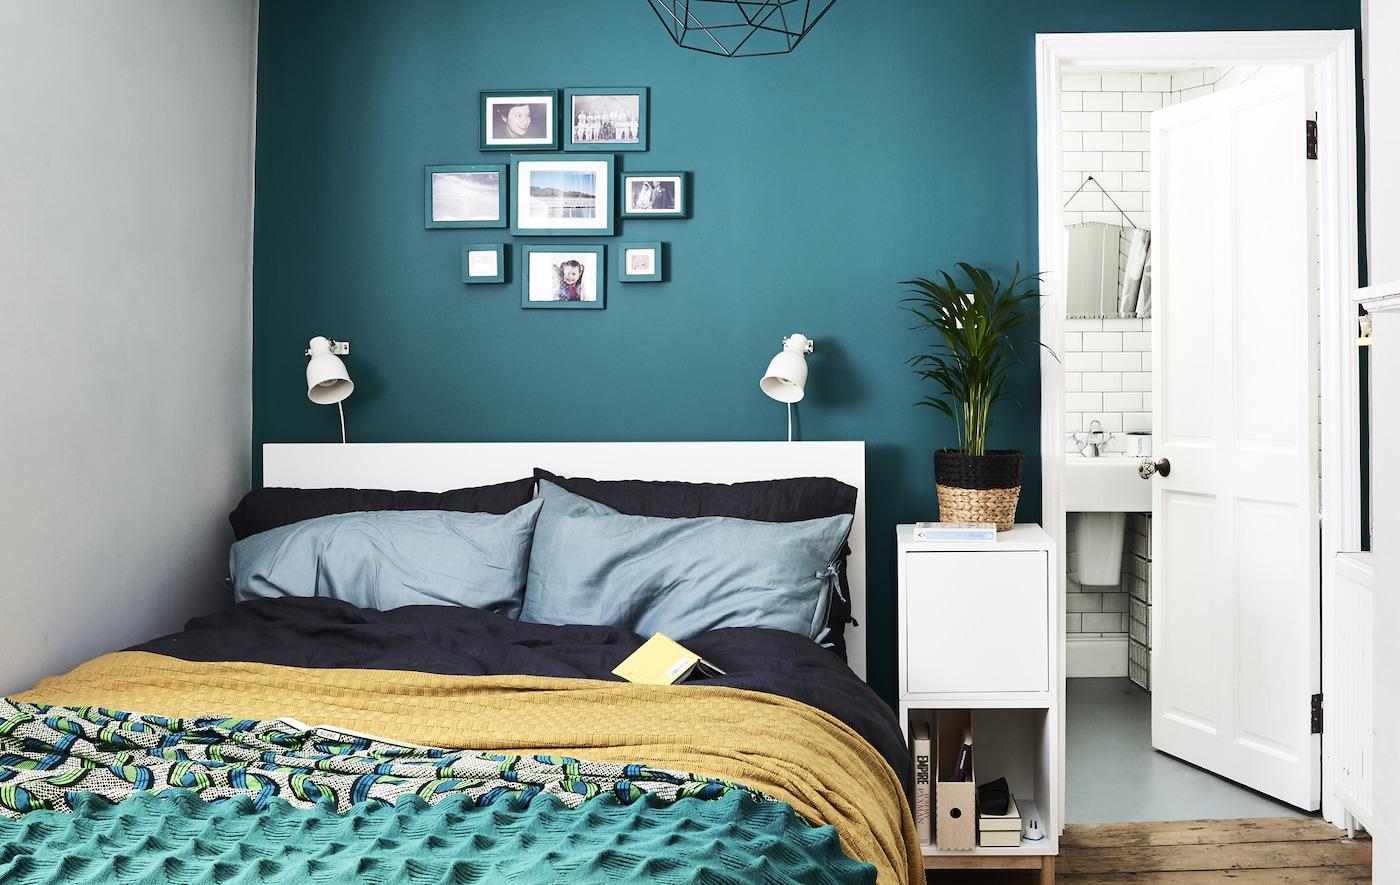 غرفة نوم ذات جدار أخضر داكن ومفروشات سرير زاهية الألوان.